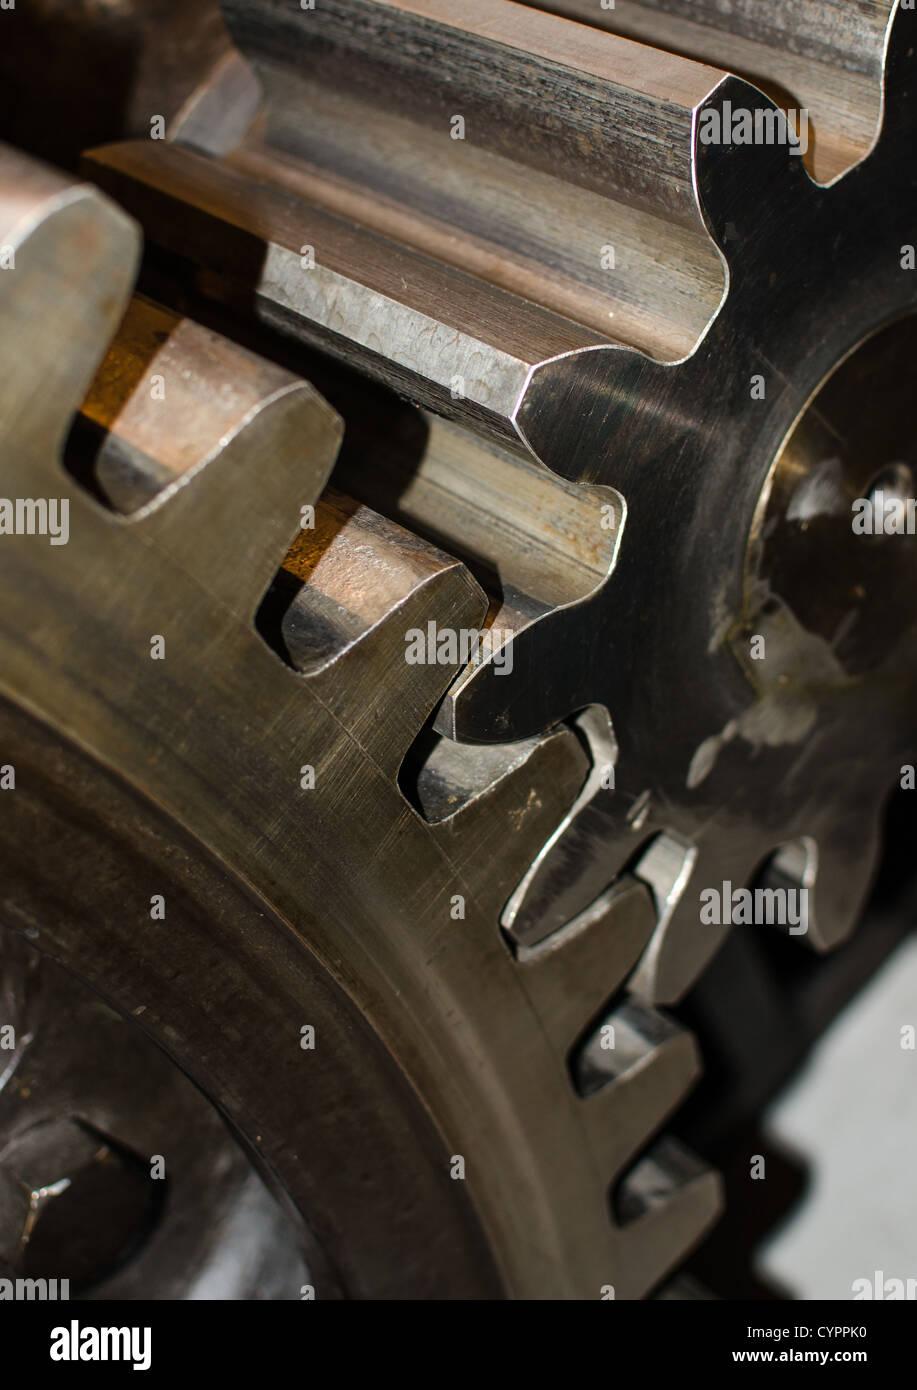 Zusammenarbeit von zwei industriellen Ragwheels im detail Stockbild